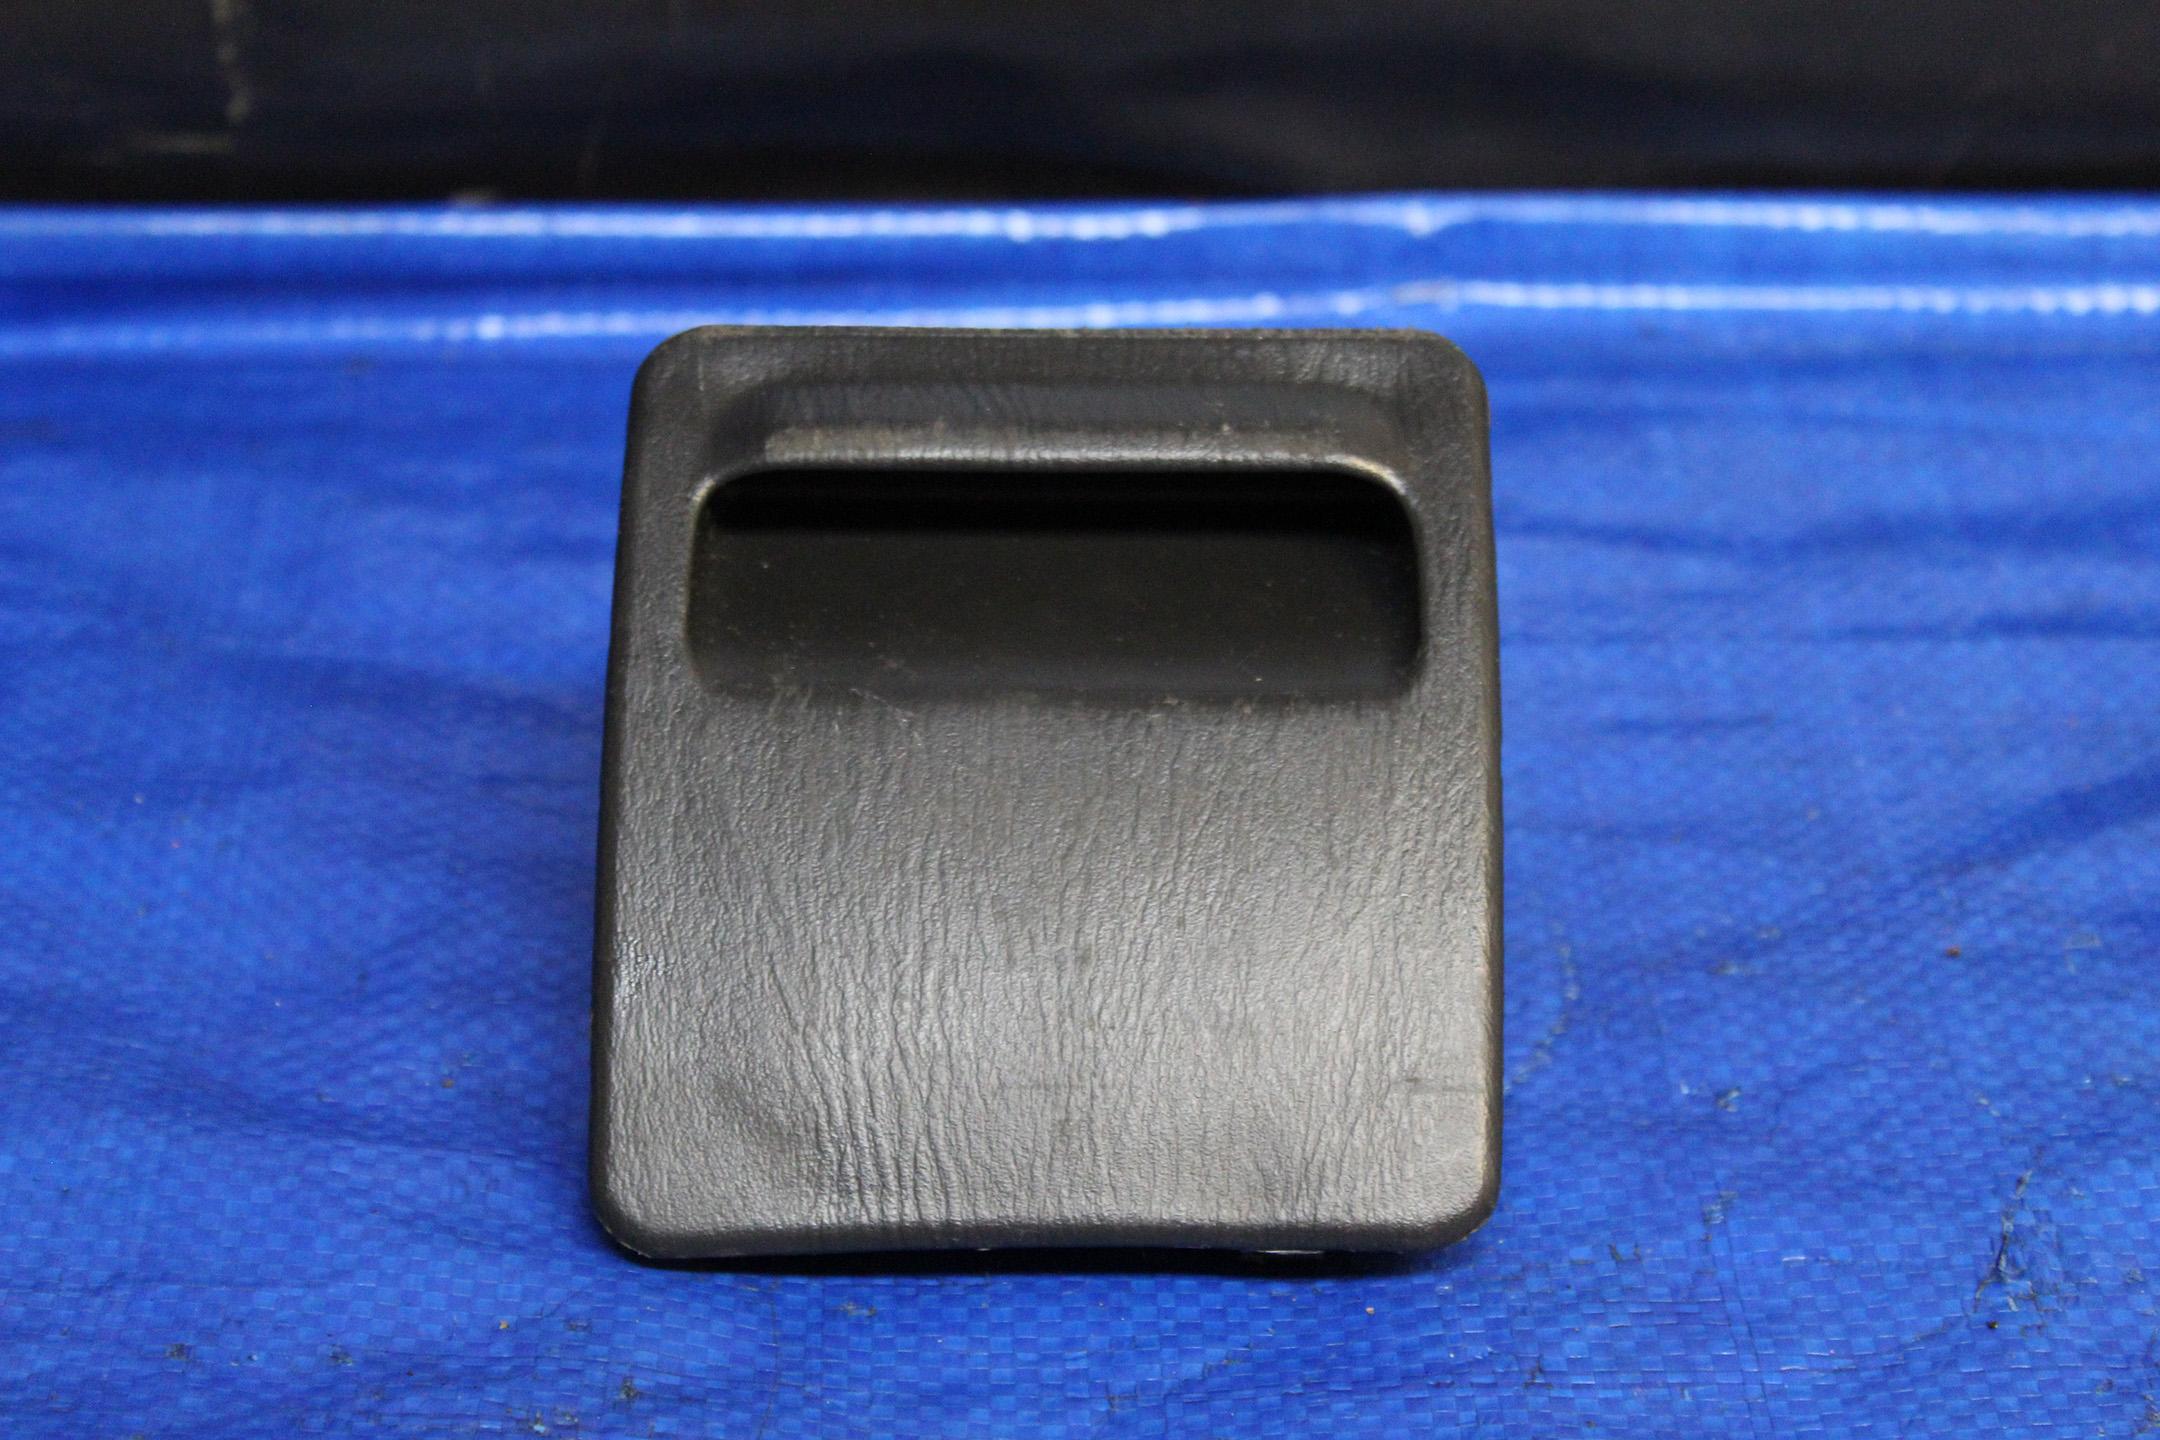 2002-2007 subaru impreza wrx & sti interior fuse box cover